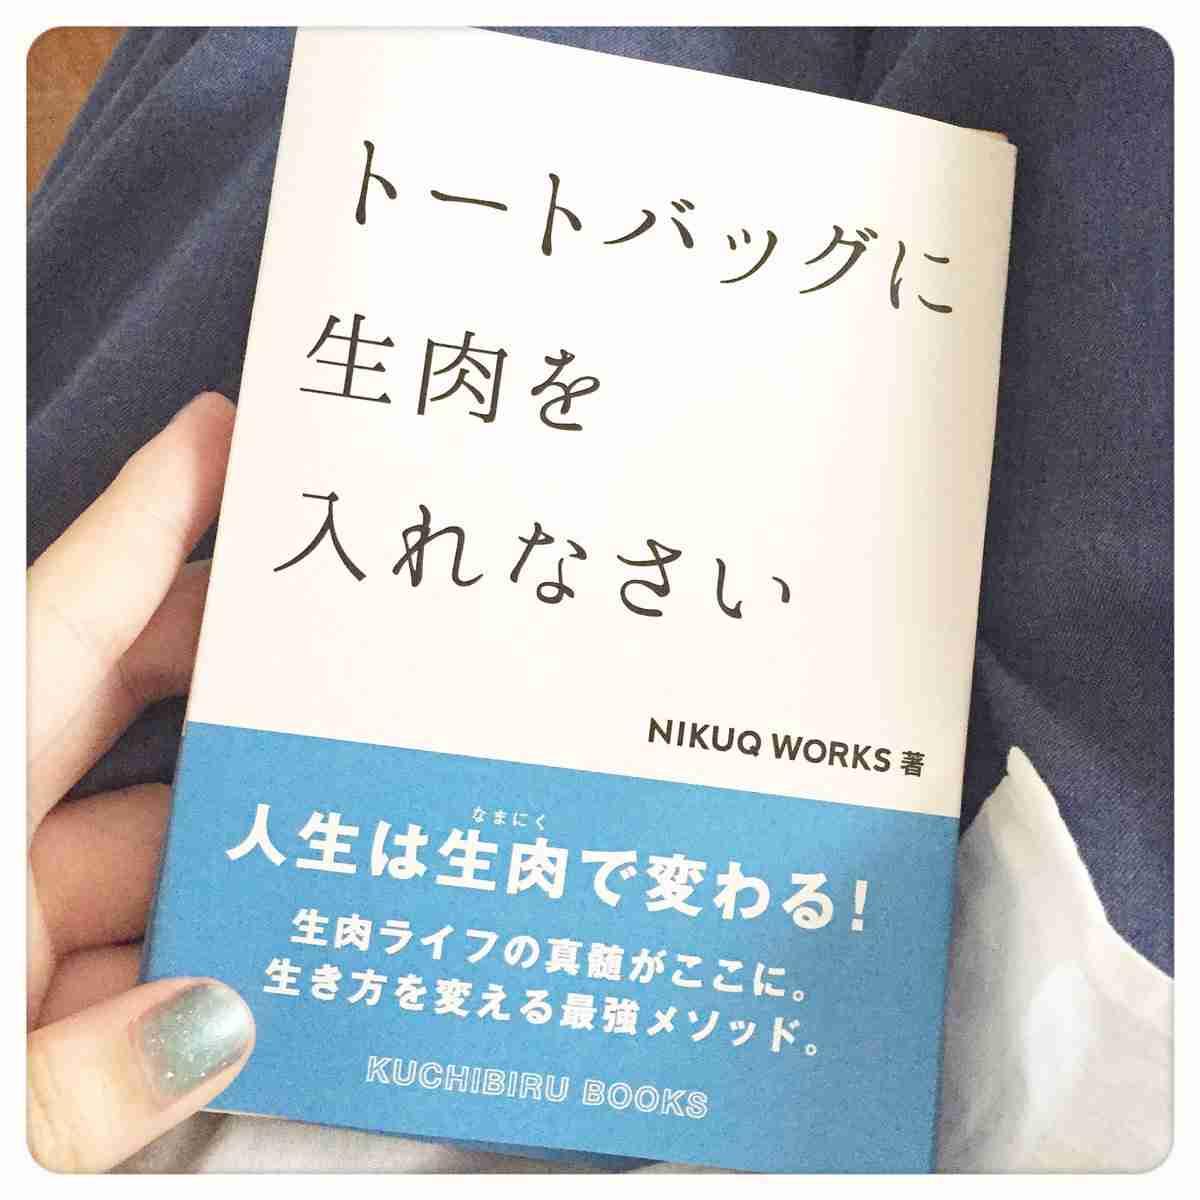 自己啓発本を読むことは恥ずかしいですか?